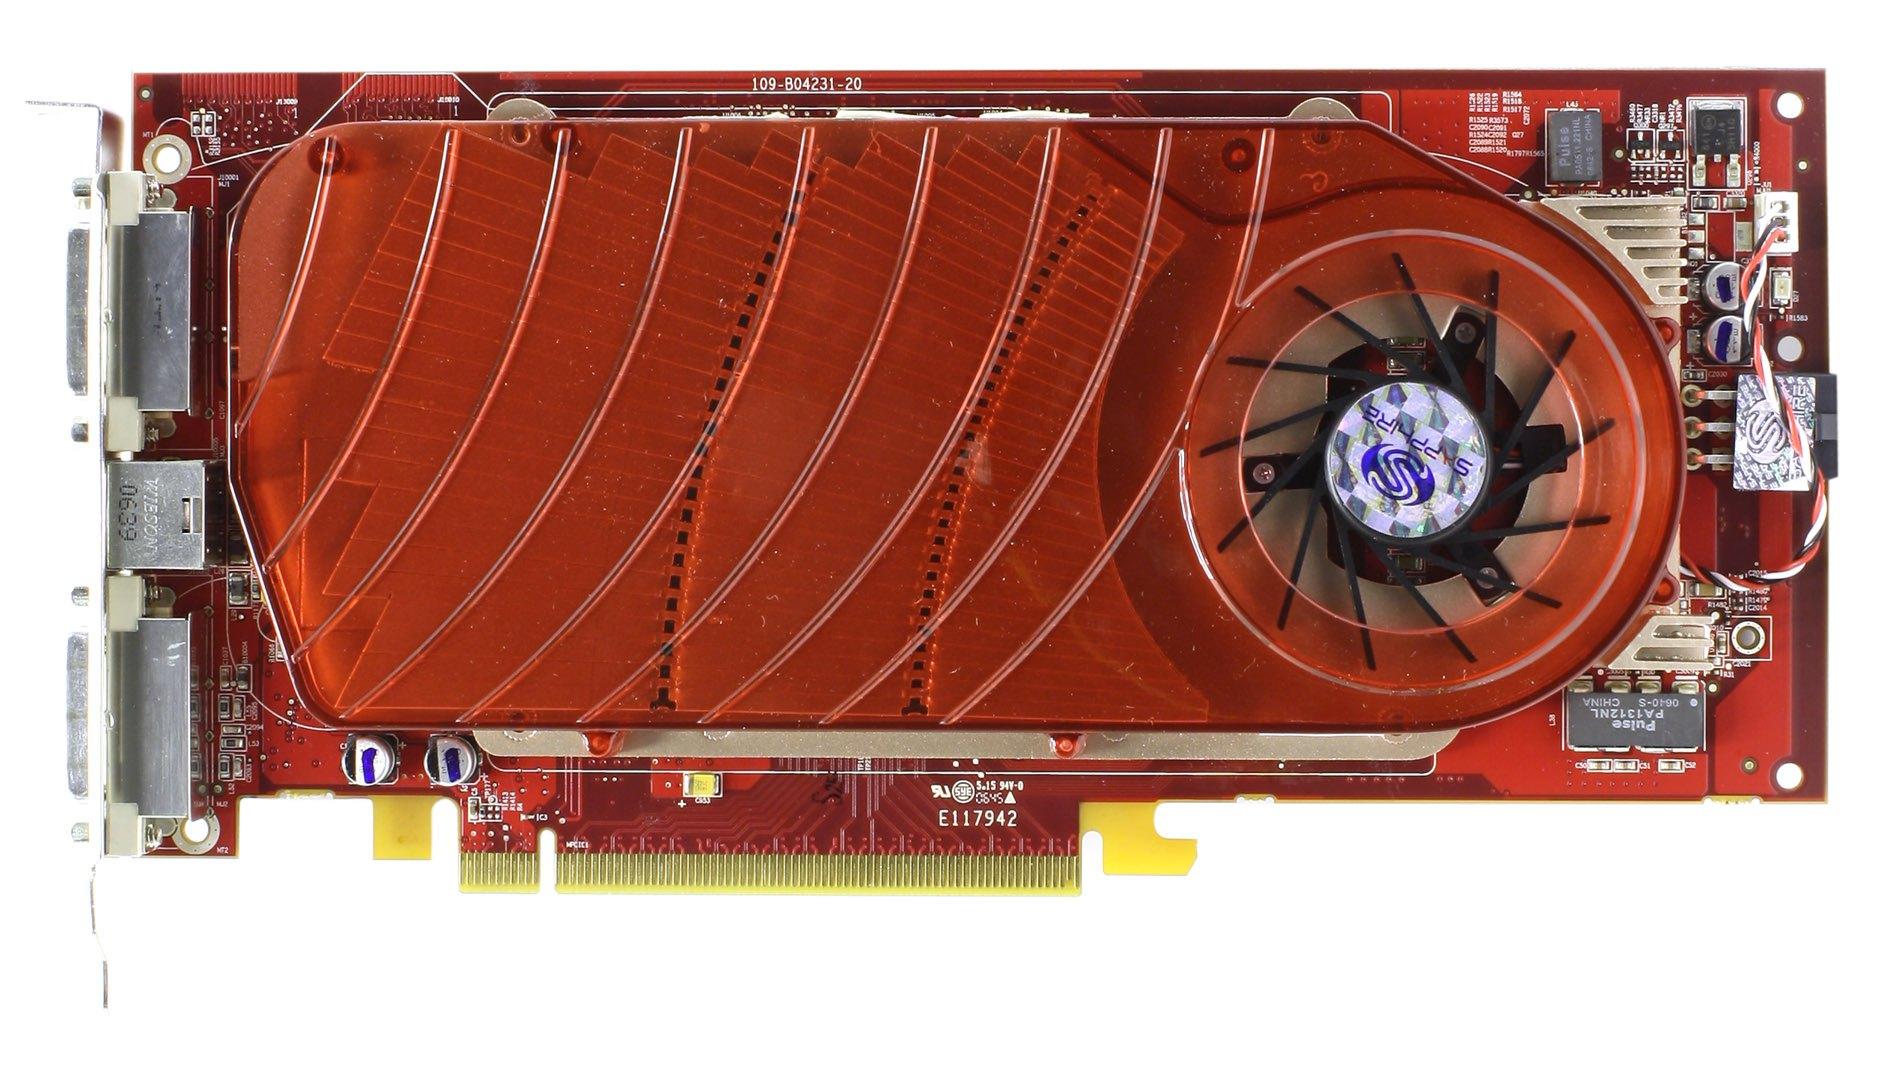 Dual DVI Video Card w//TV-Out PCIe ATI Radeon X1900GT 256MB GDDR3 PCI Express